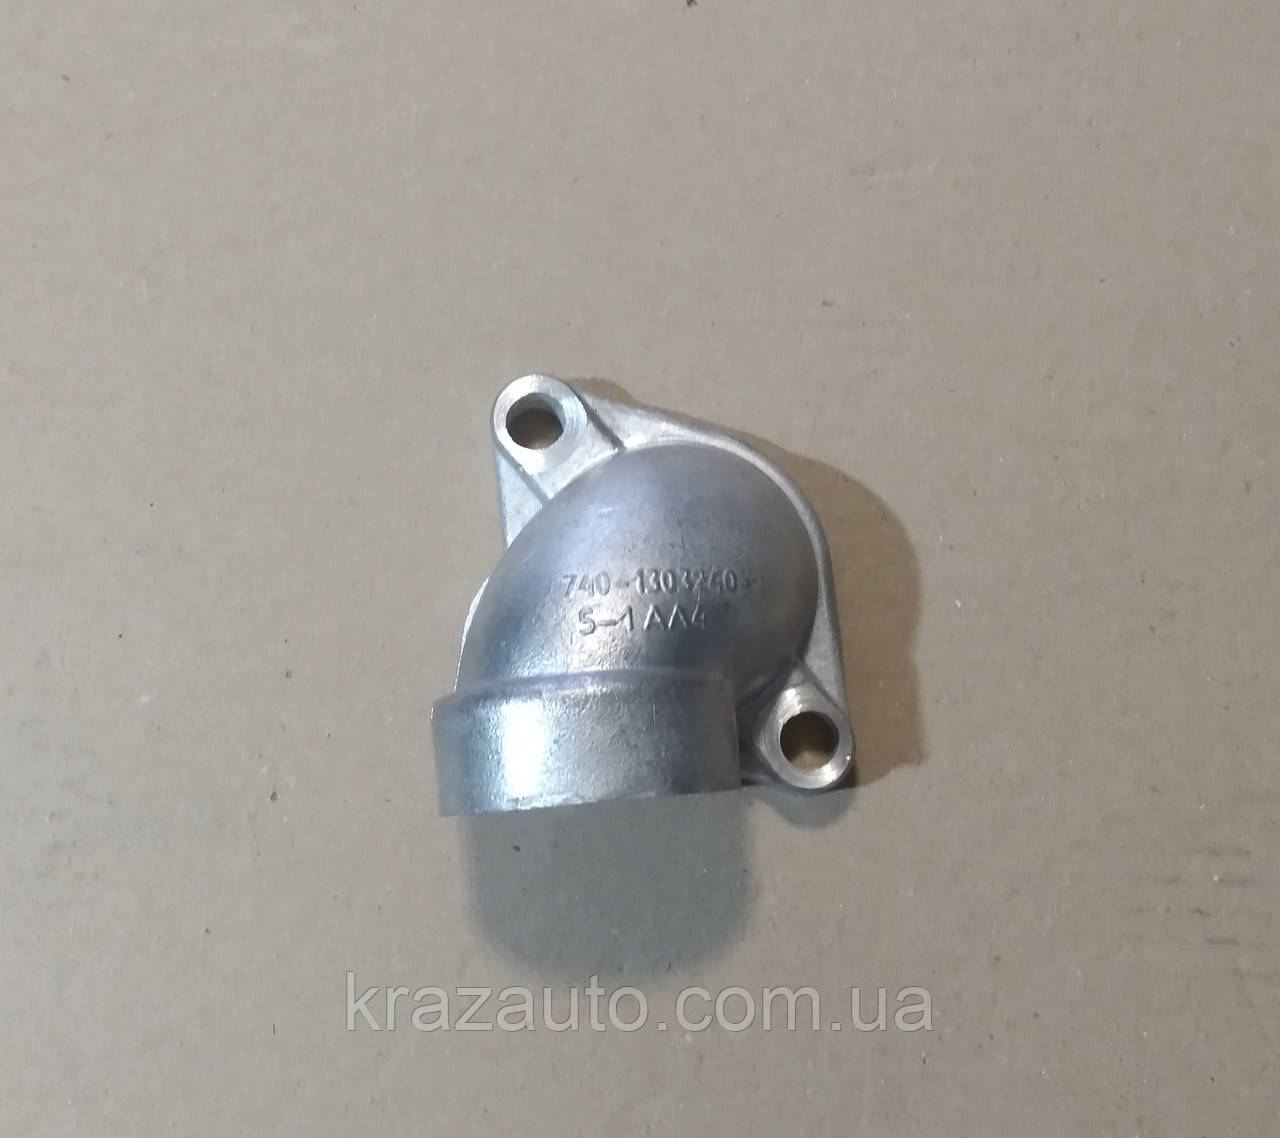 Патрубок ЗІЛ 133ГЯ КАМАЗ, УРАЛ з Двиг. 740 труби перепускний від радіатора до помпи 740-1303240